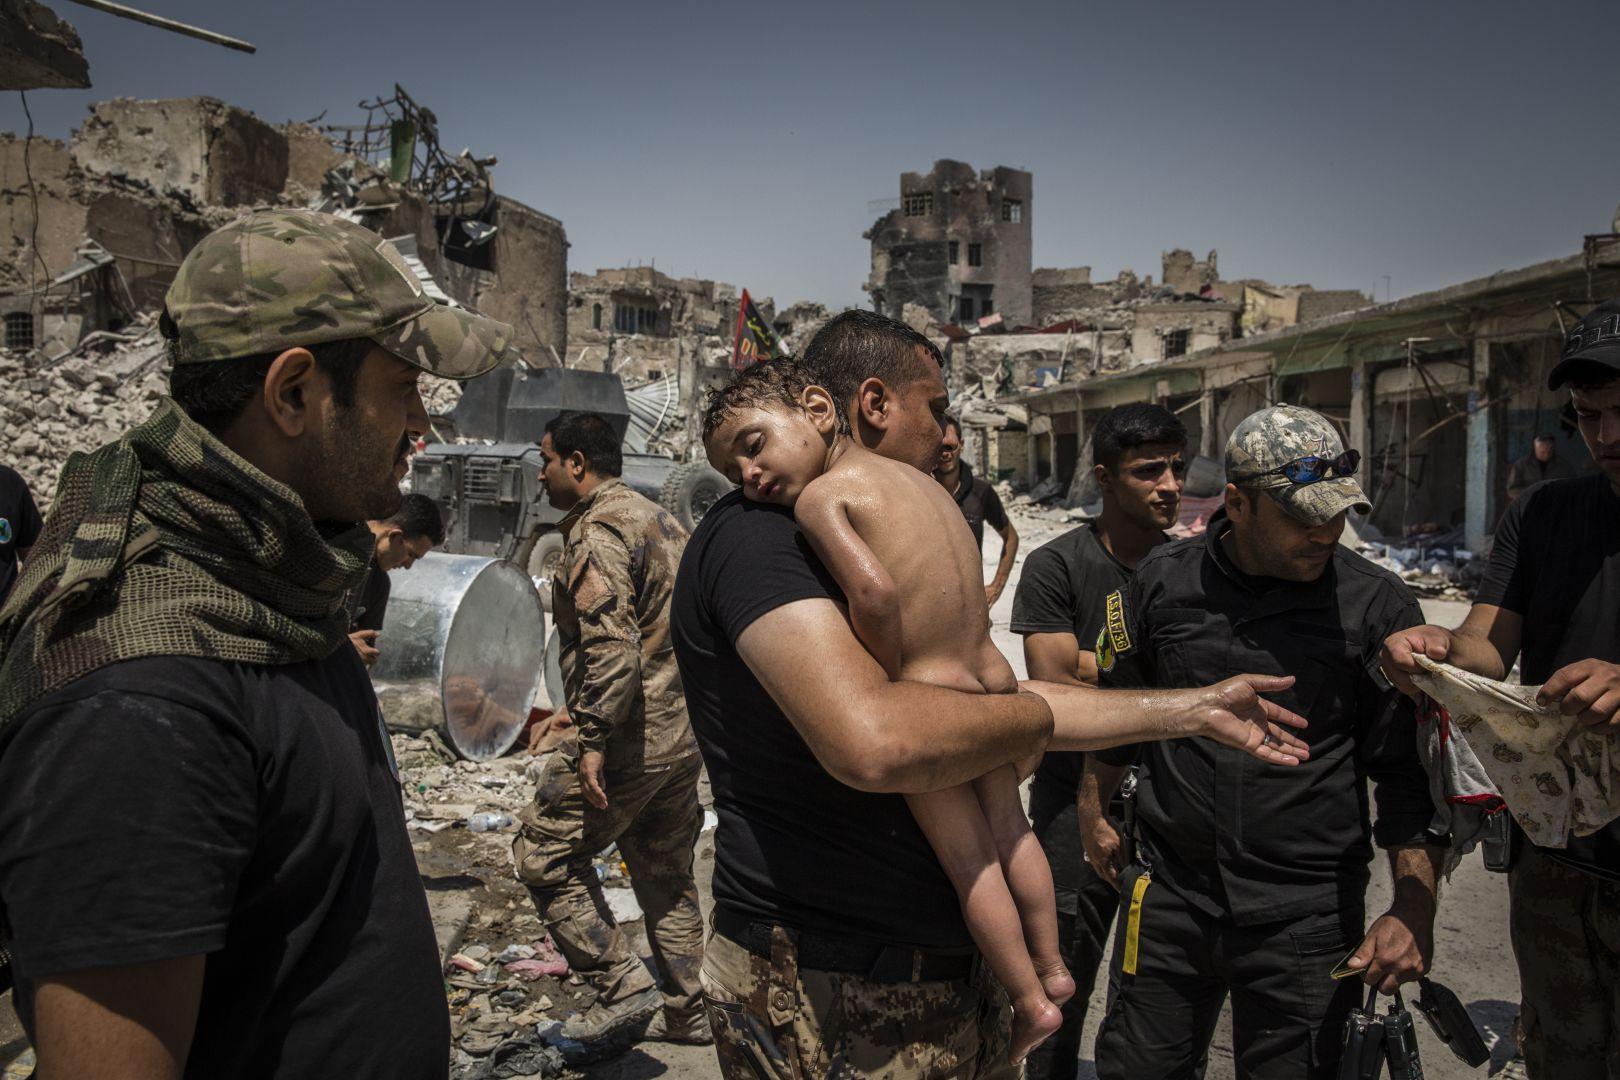 Um rapaz é retirado de Mossul, após a batalha contra o Daesh. Foto: Ivor Prickett